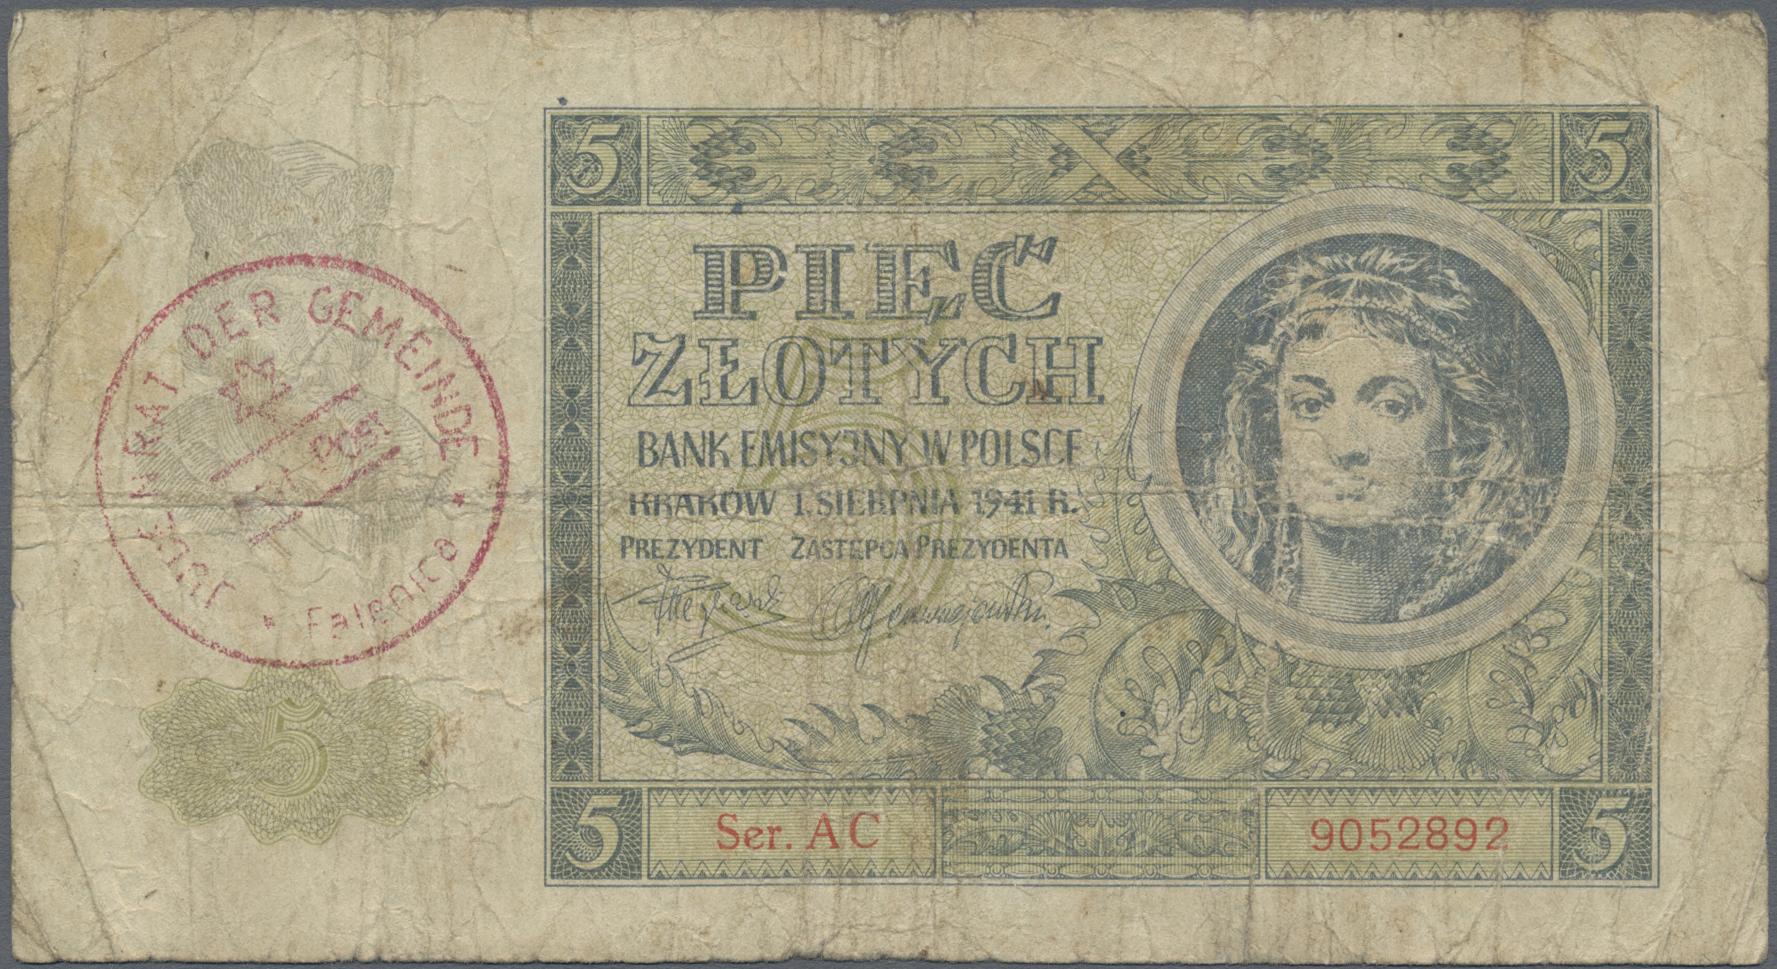 Lot 9891 - Deutschland - Konzentrations- und Kriegsgefangenenlager banknoten -  Auktionshaus Christoph Gärtner GmbH & Co. KG Sale #47 Banknotes Worldwide & Germany, Numismatics